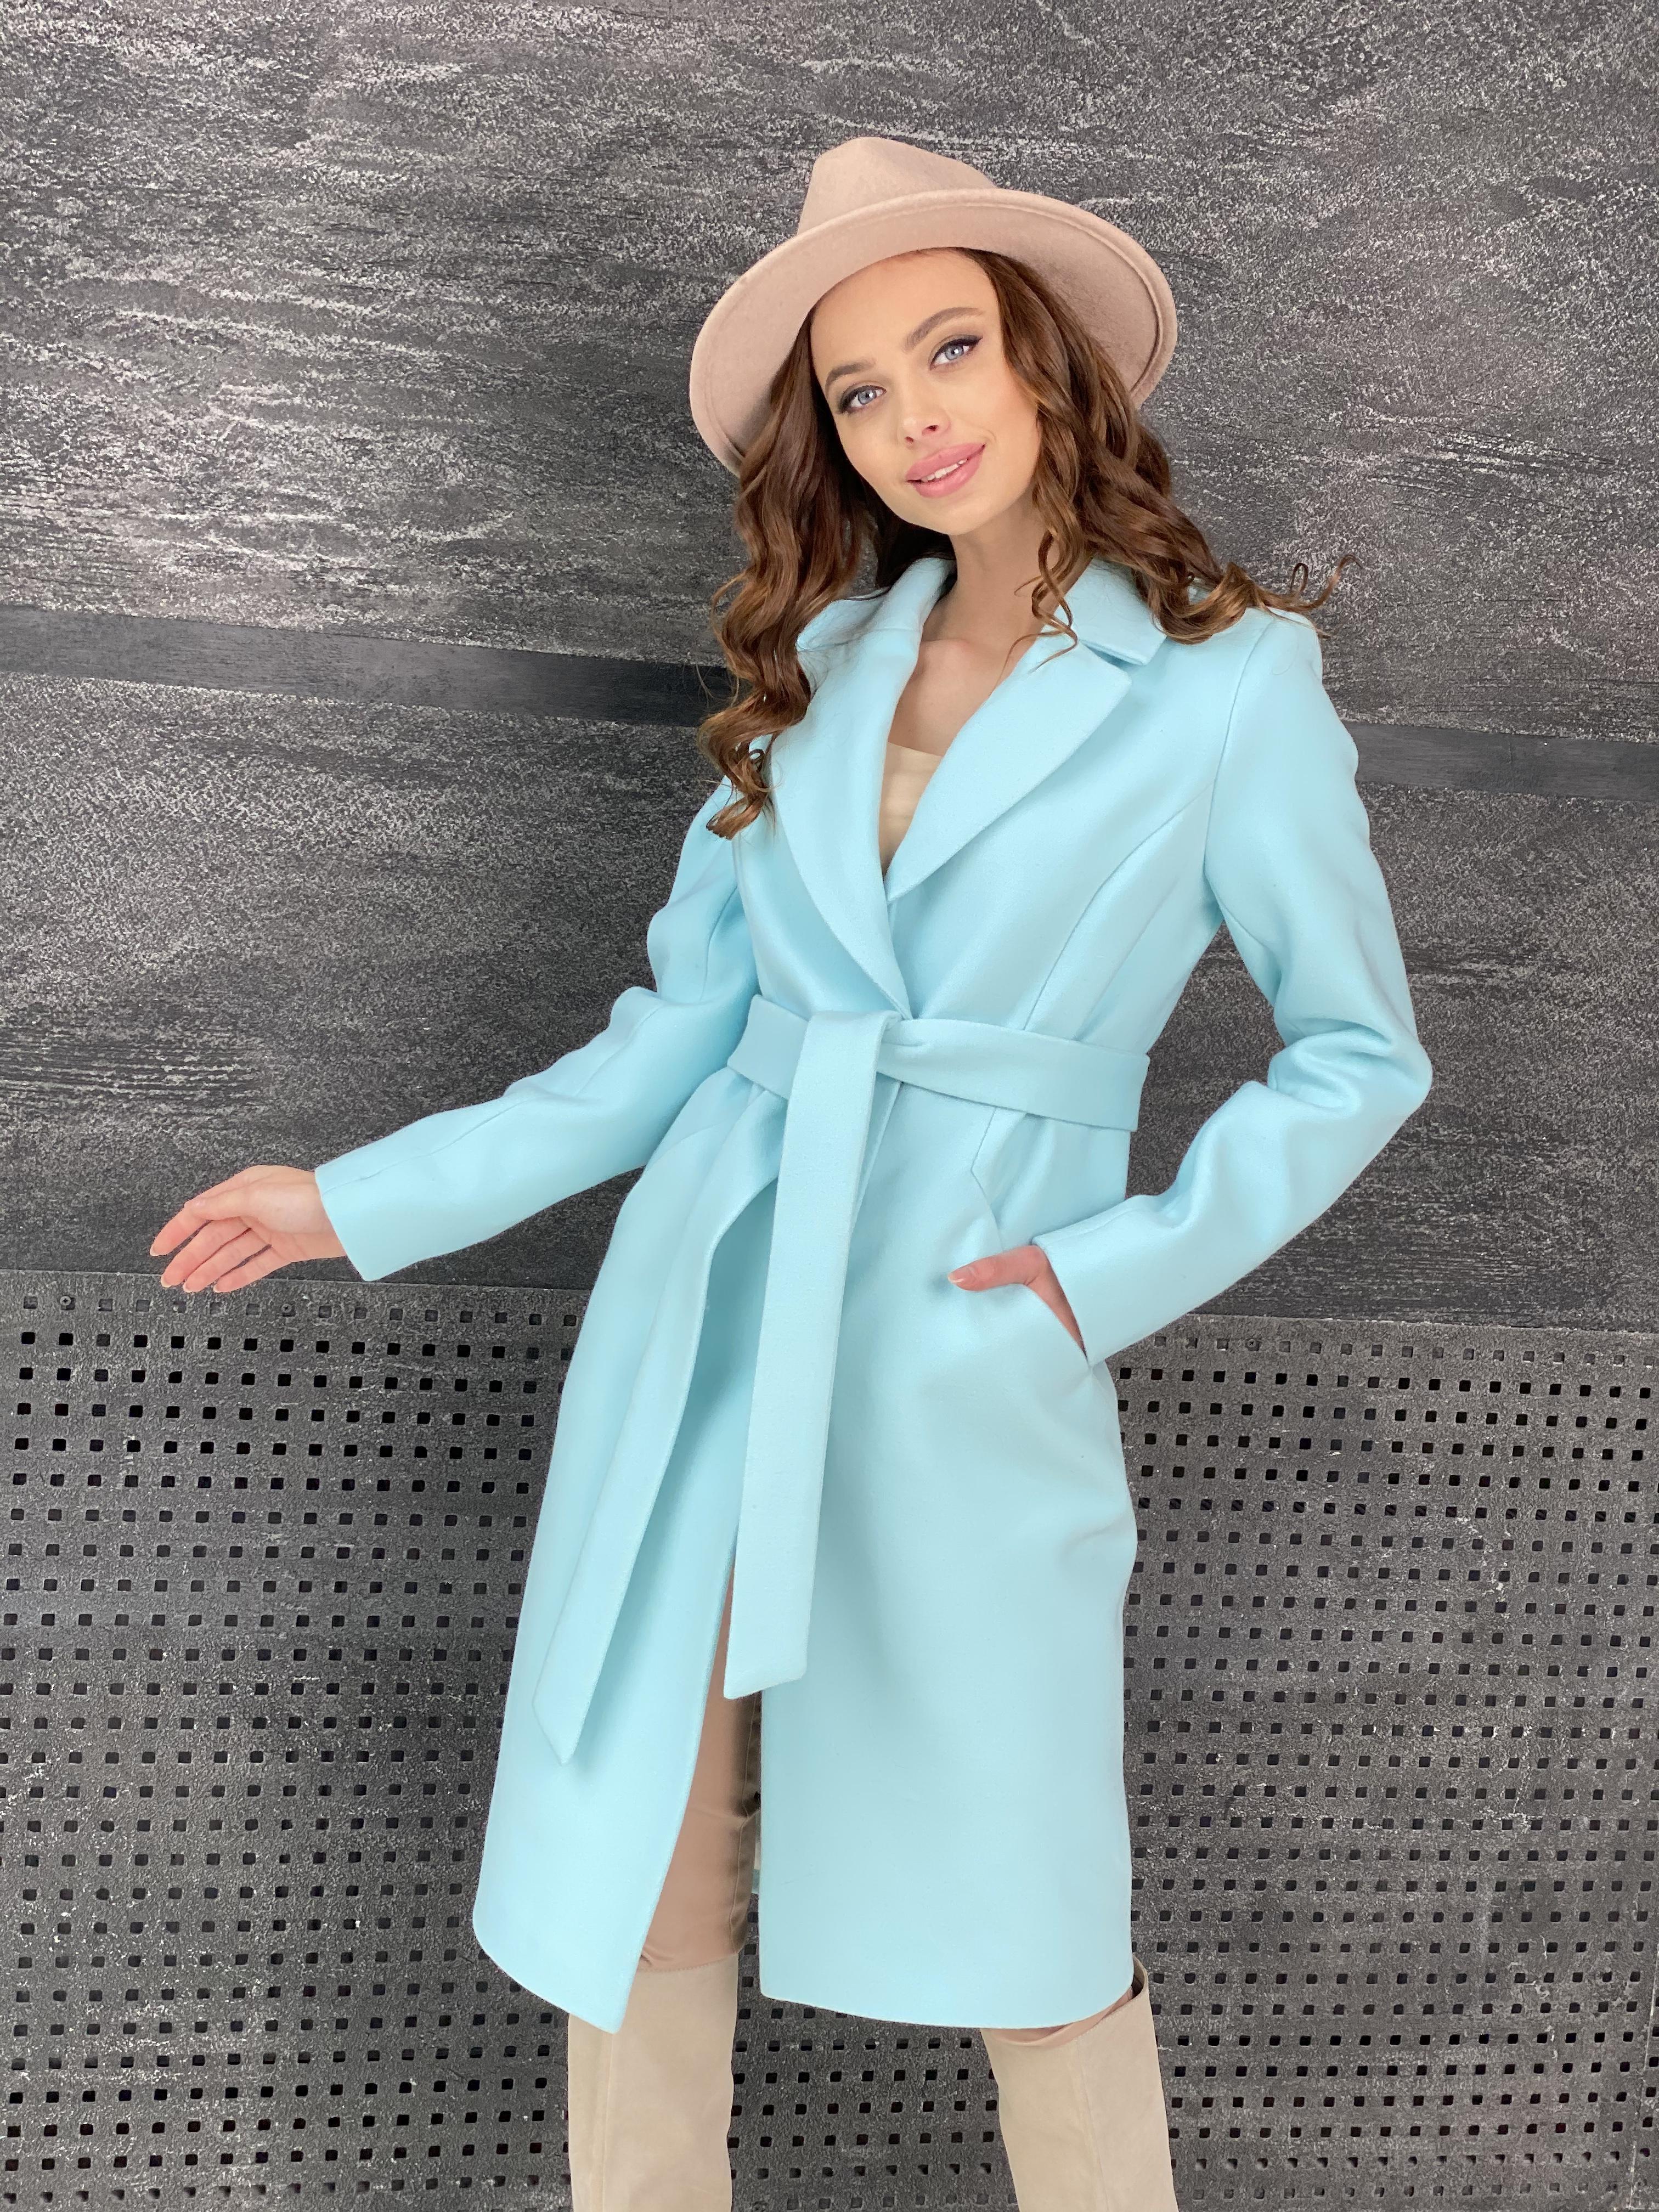 Мехико пальто из кашемира 9026 АРТ. 45350 Цвет: Мята 6 - фото 4, интернет магазин tm-modus.ru